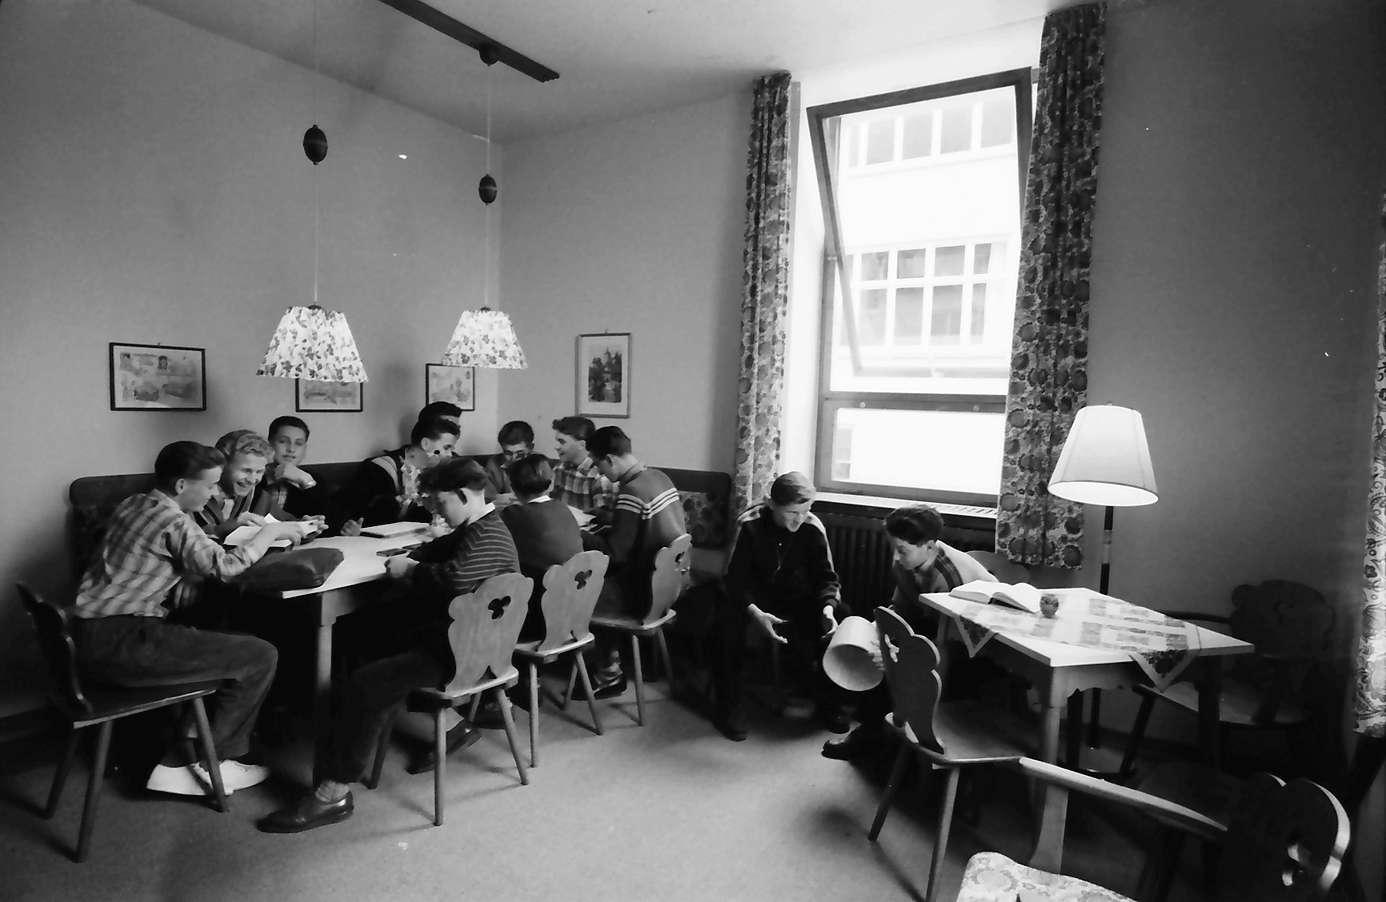 Gernsbach: 1. Papiermacherschule in der Gewerbeschule; Internat für Papiermacher Anlernlinge, Aufenthaltsraum mit Schüler, Bild 1